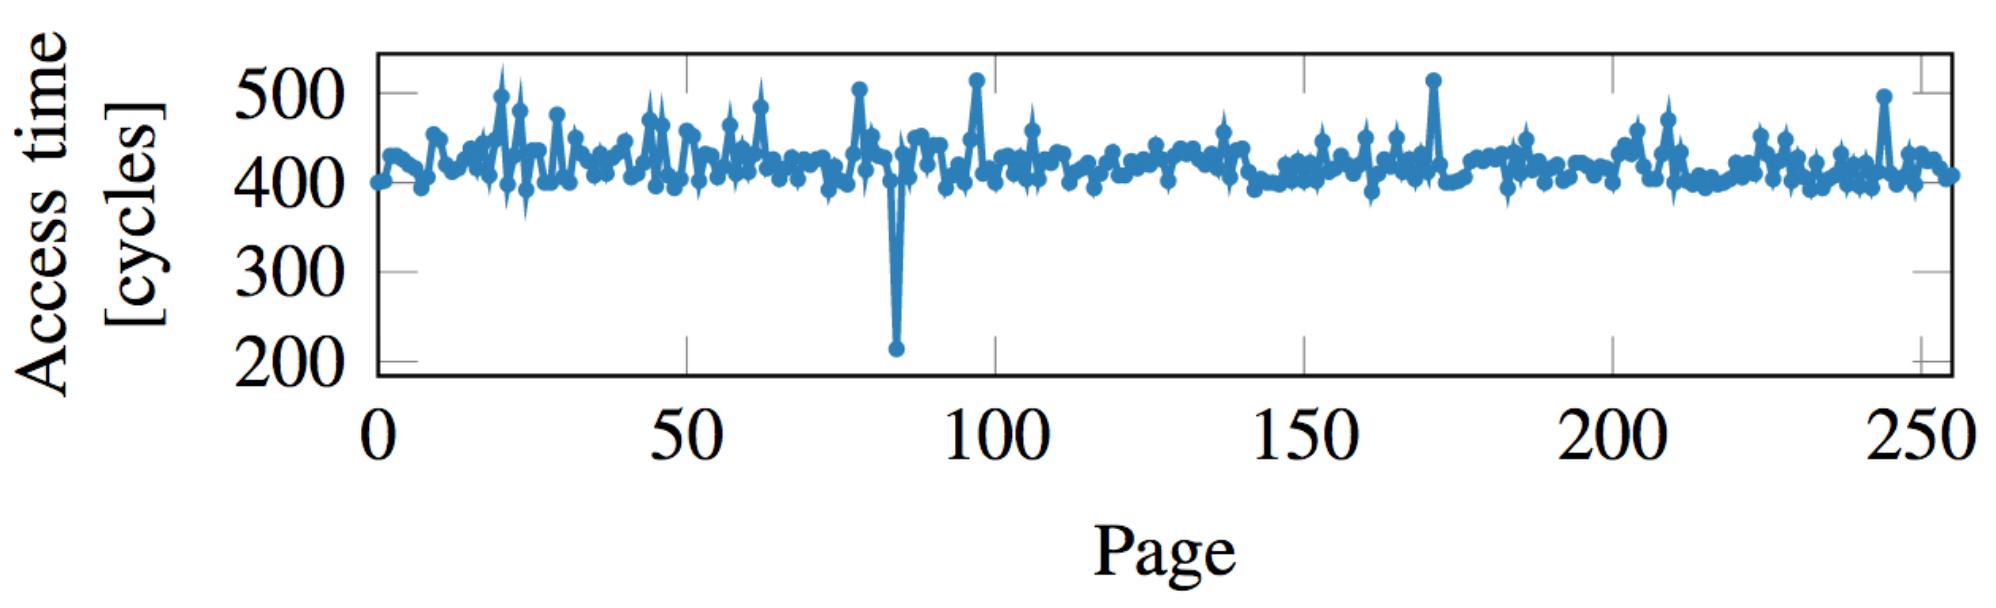 페이지 접근 시간 측정 그래프.